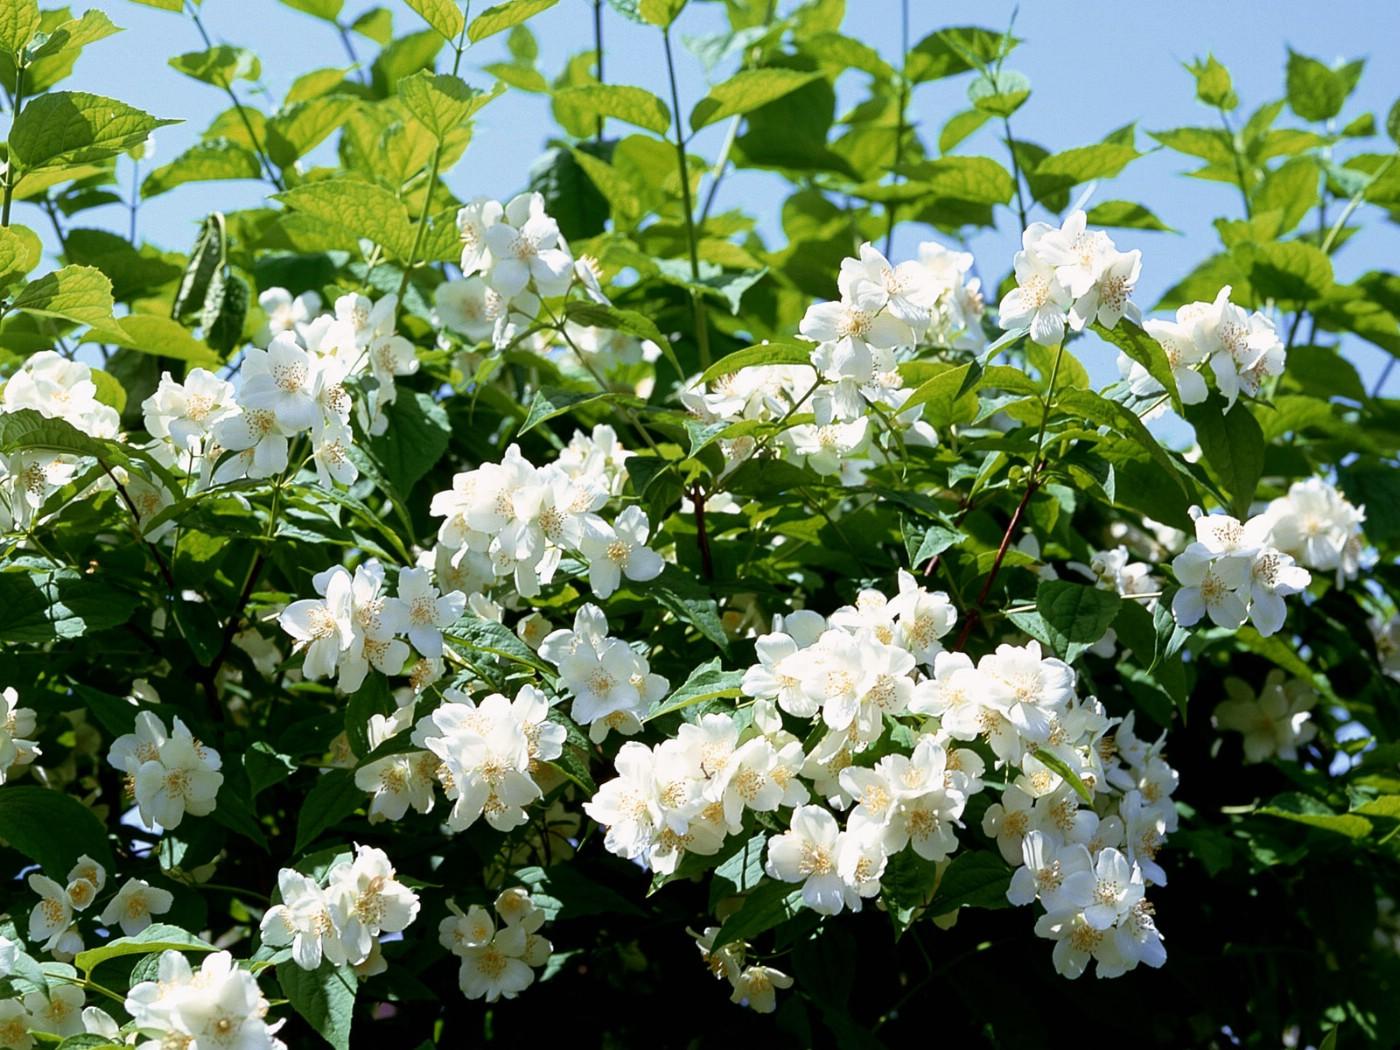 壁纸1400×1050白色花朵 4 20壁纸 白色花朵壁纸图片花卉壁纸花卉图片素材桌面壁纸